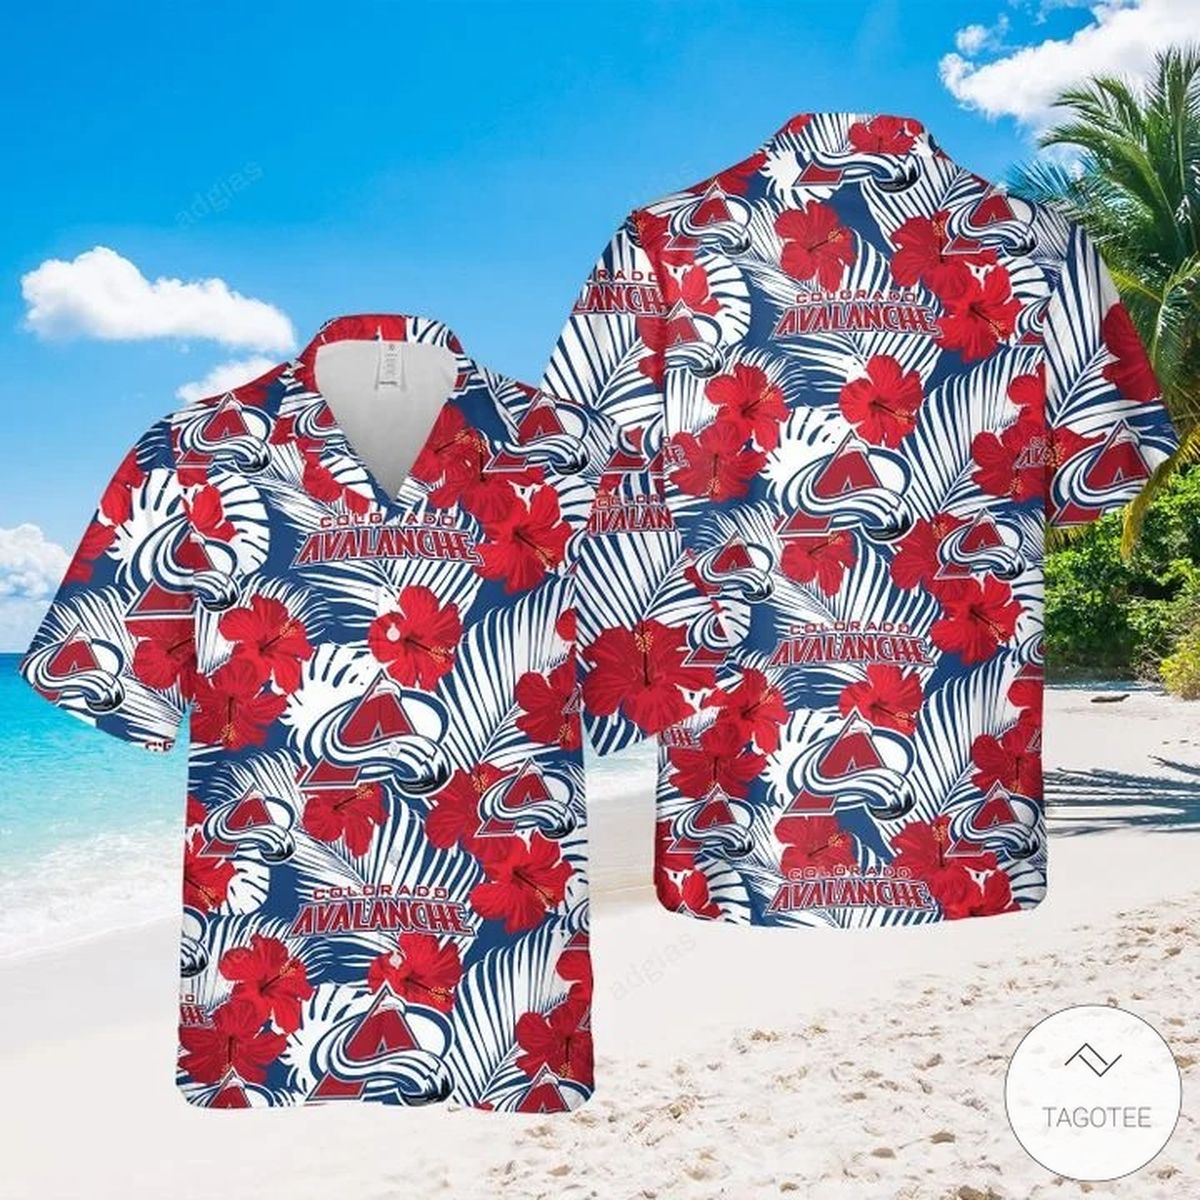 Colorado Avalanche Hawaiian Shirt, Beach Shorts